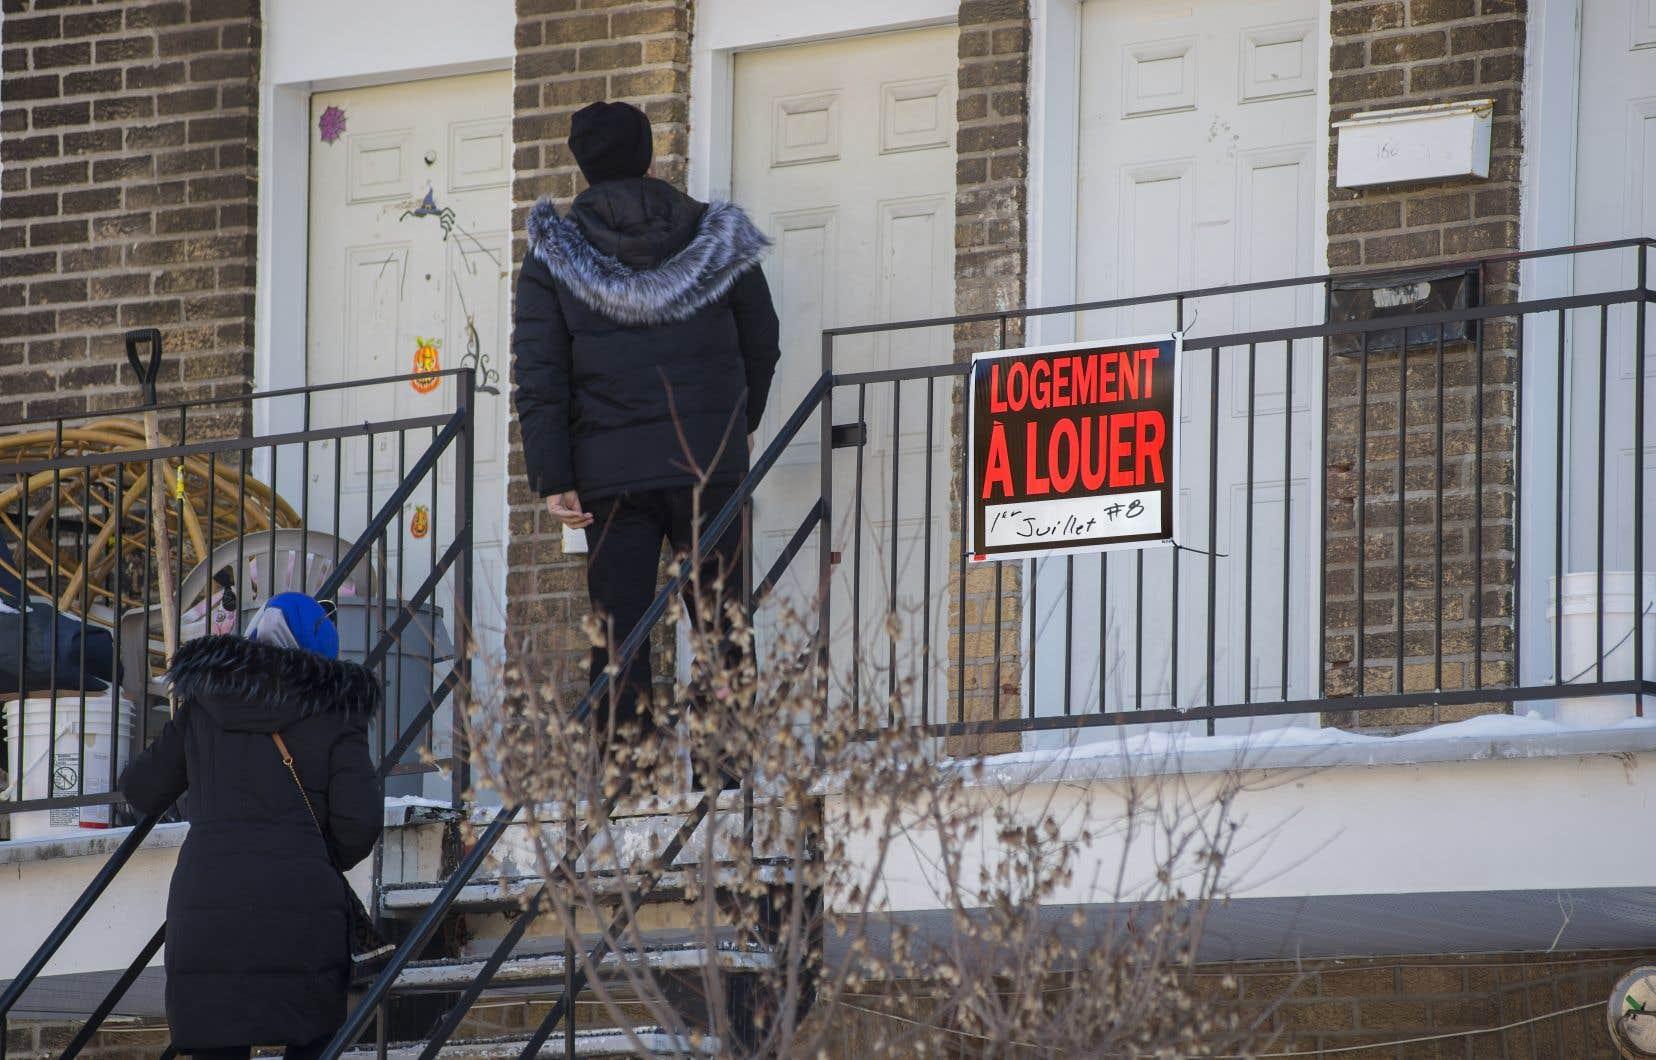 <p>«Le prix des loyers au Québec, qui était jusque-là généralement plus abordable que dans le reste du Canada, s'emballe dangereusement et la construction d'appartements ne règle rien», estime l'auteur.</p>